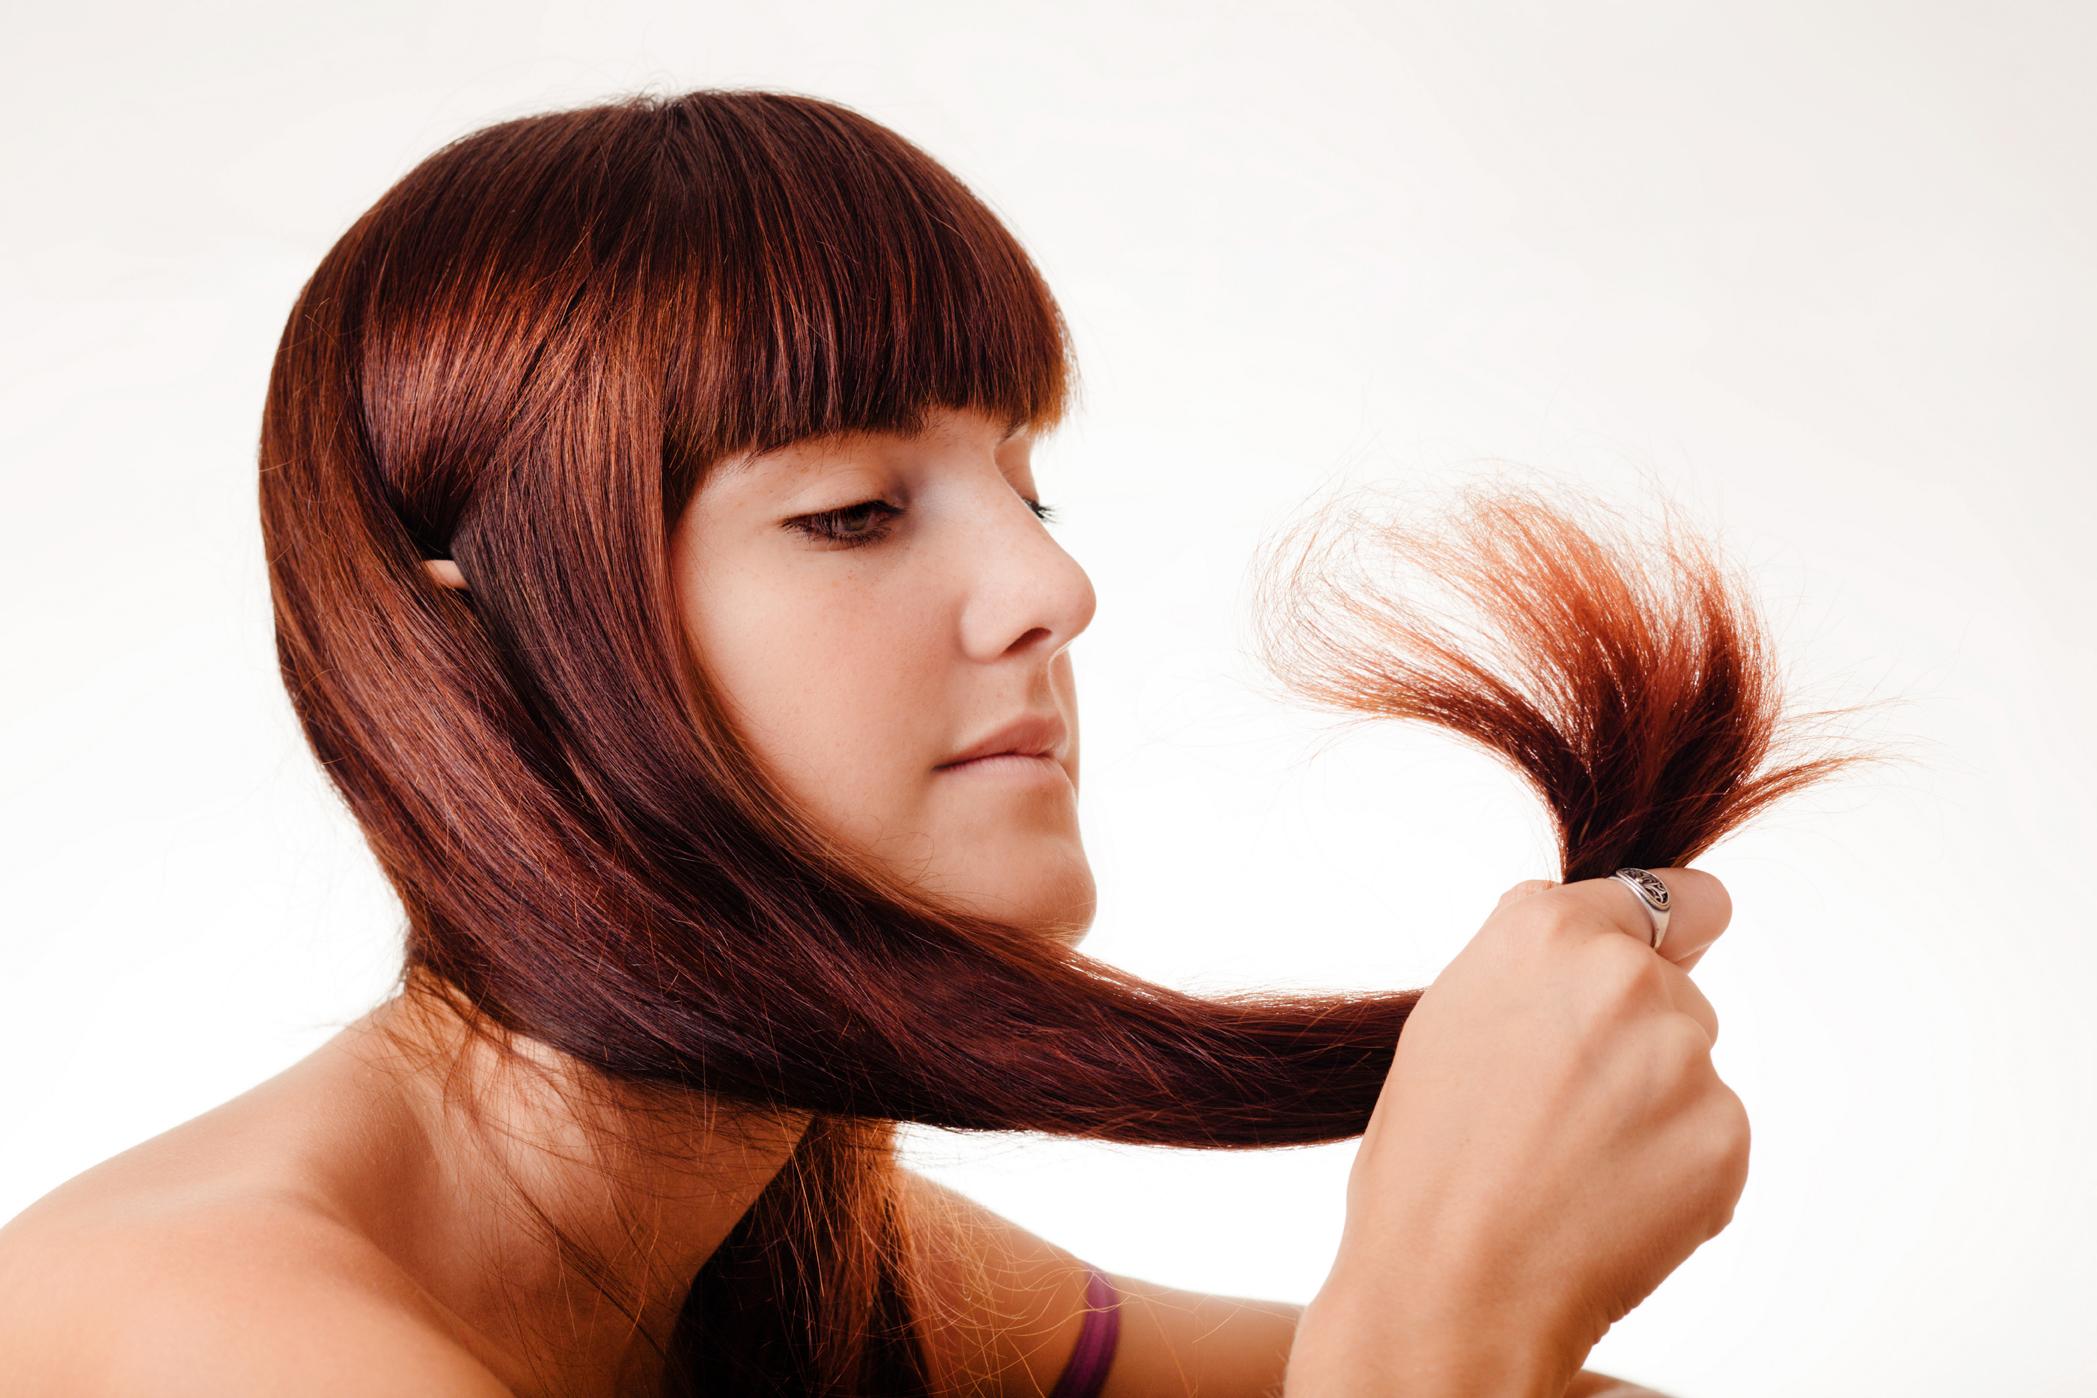 hair dusting eliminar puntas abiertas sin cortar